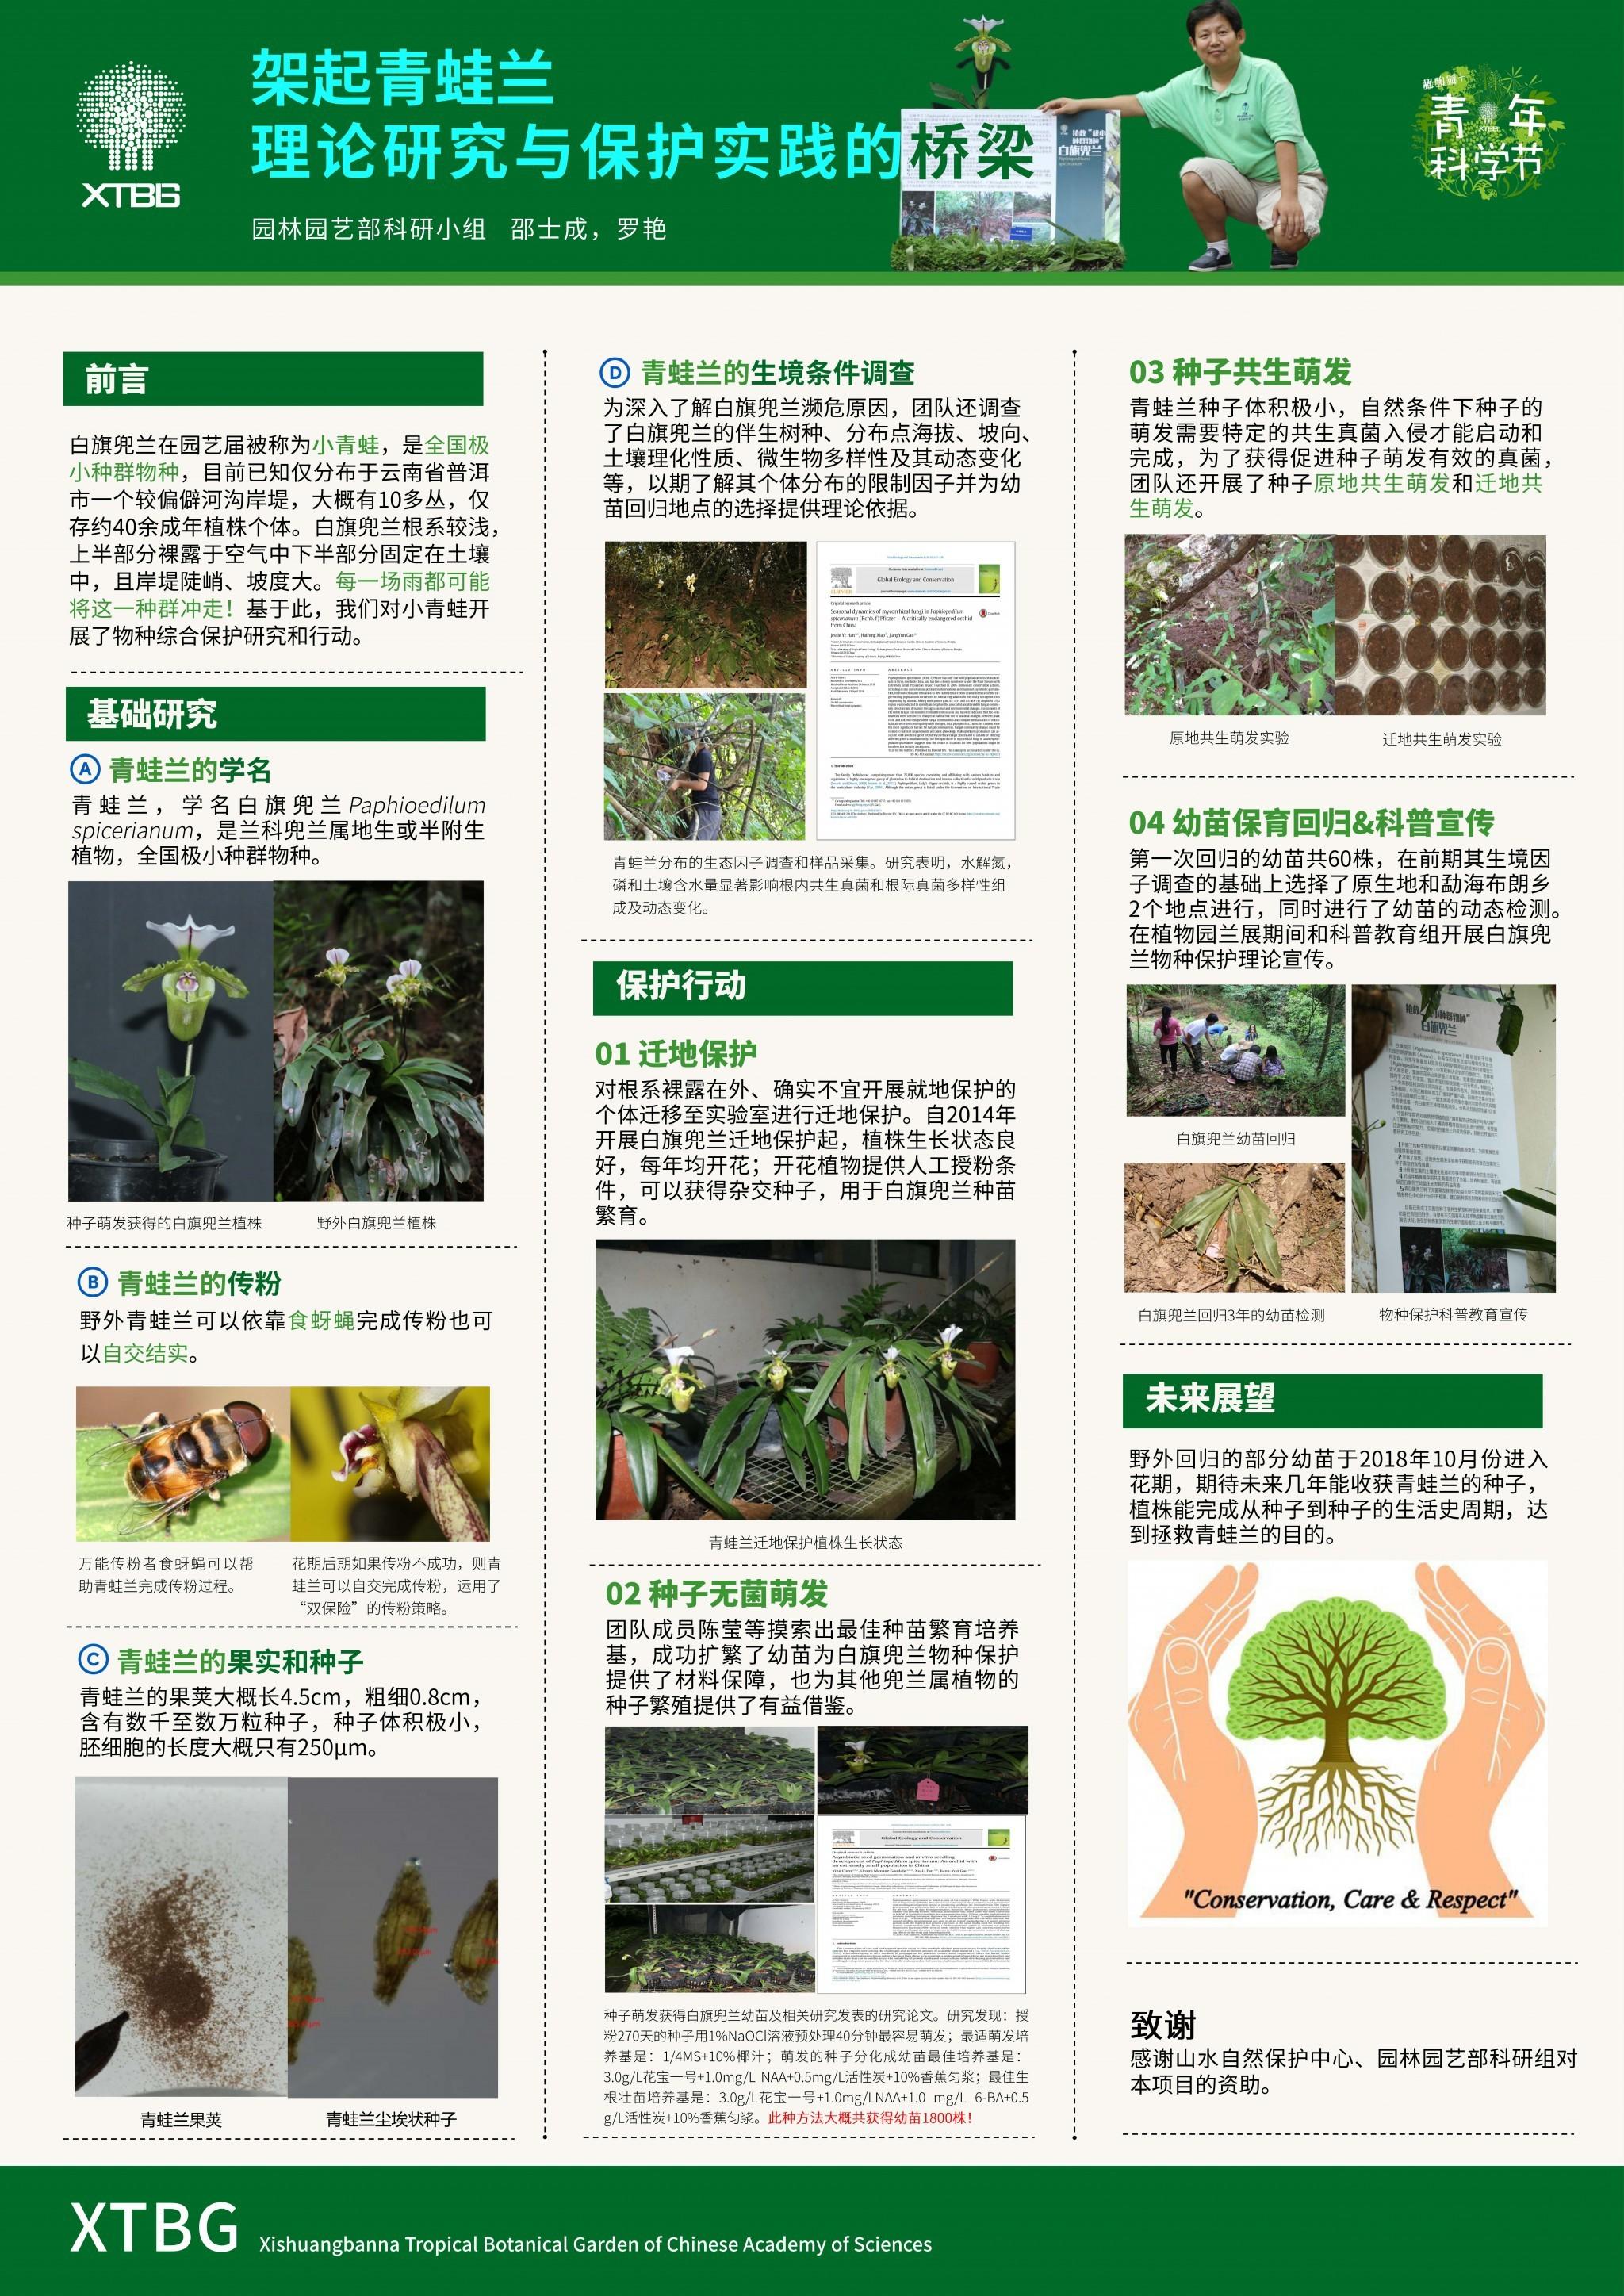 架起青蛙兰-理论研究与保护实践的桥梁(作者:邵士成&罗艳)